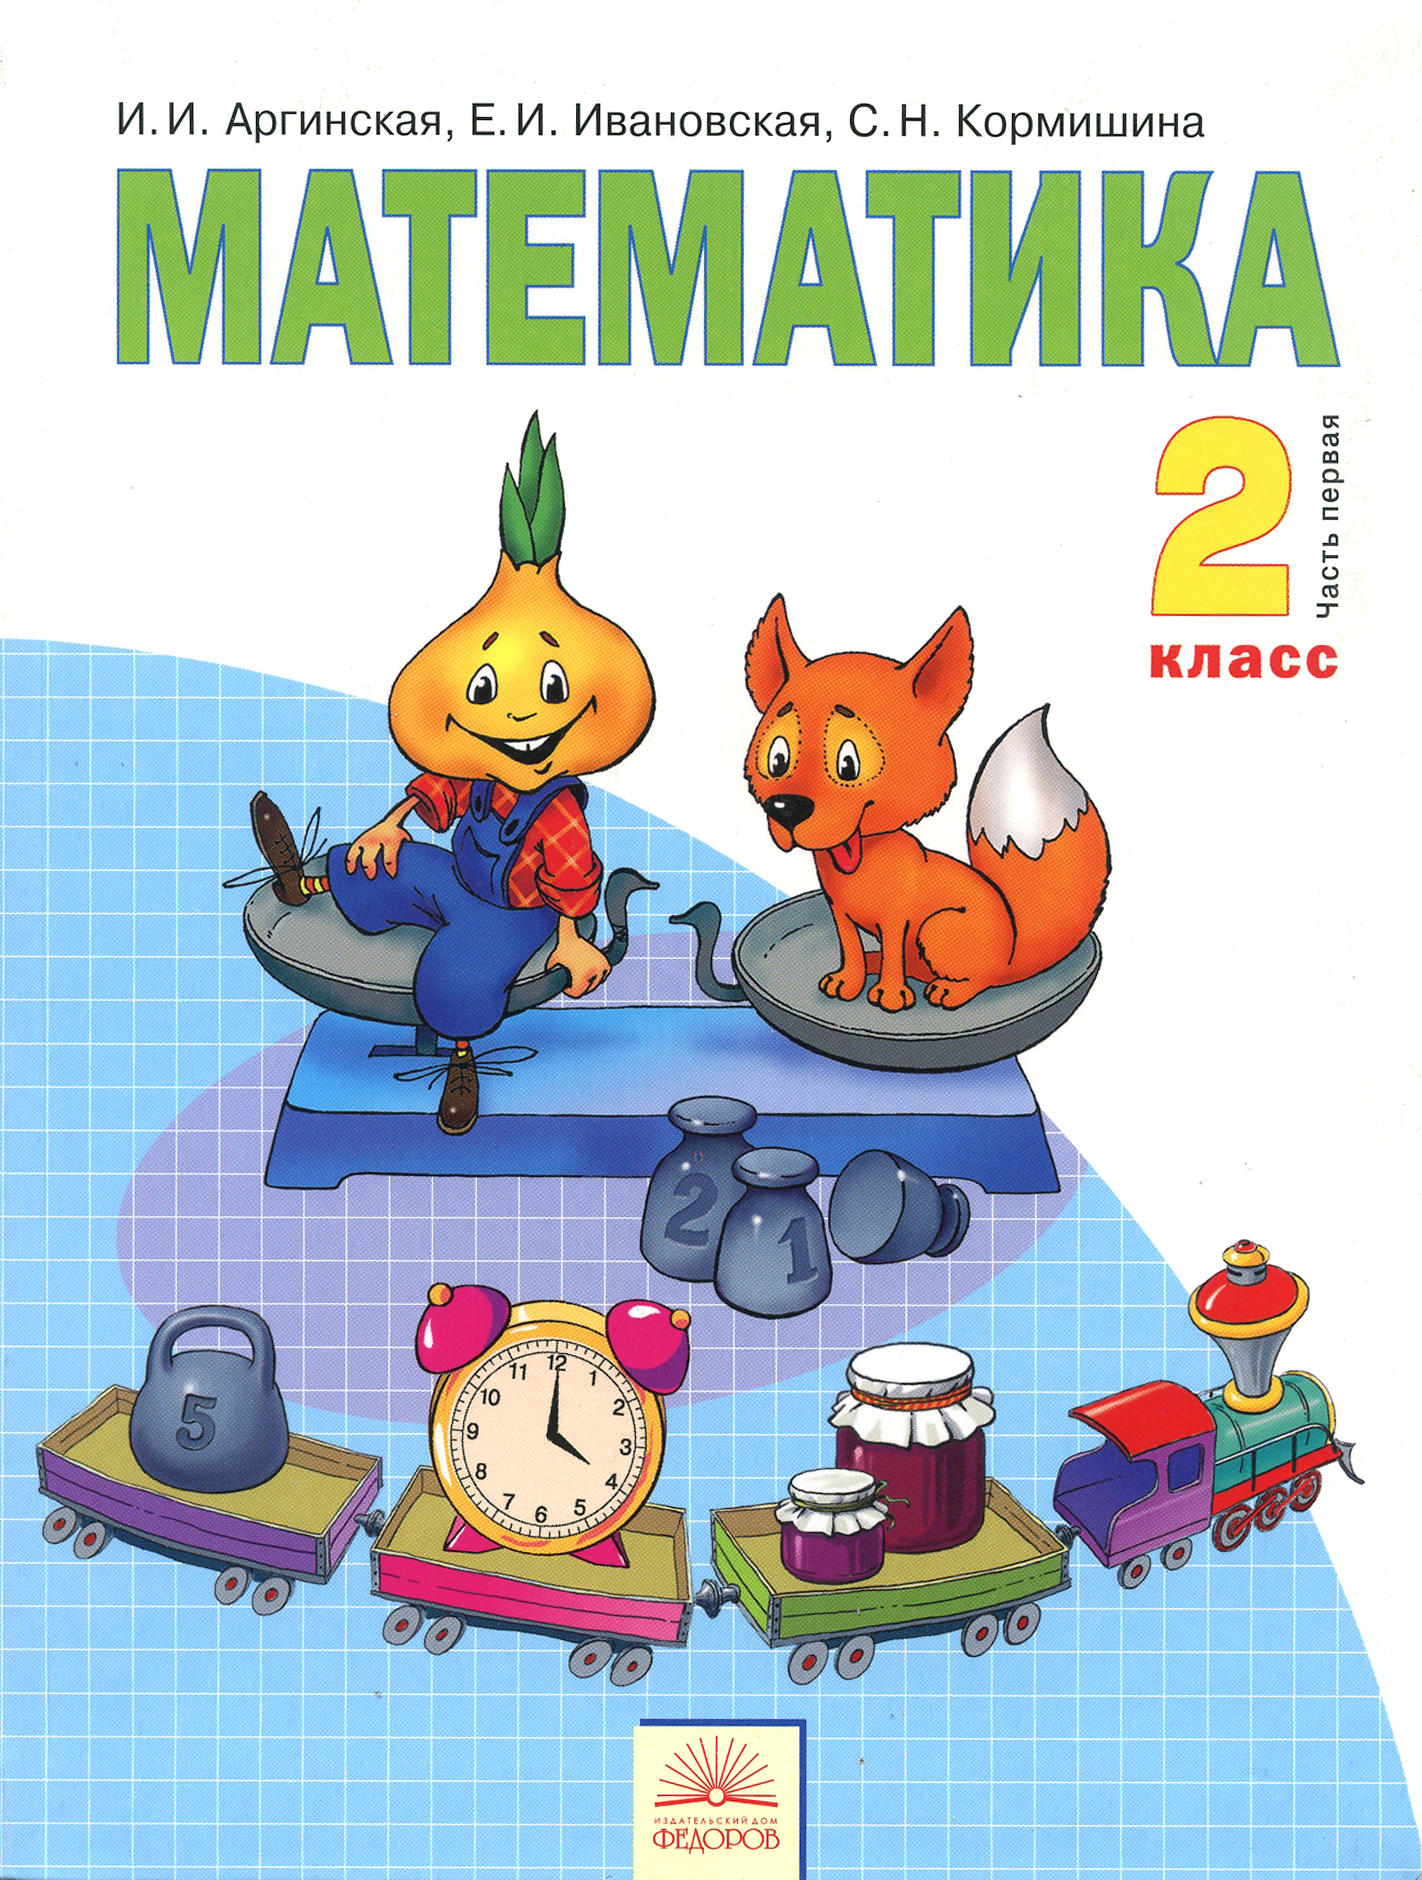 Аргинская И.И.,Ивановская Е.И.,Кормишина С.Н. Математика. 2 класс. В 2-х частях. Часть 1. Учебник е п бененсон л с итина математика 1 класс рабочая тетрадь в 4 частях часть 2